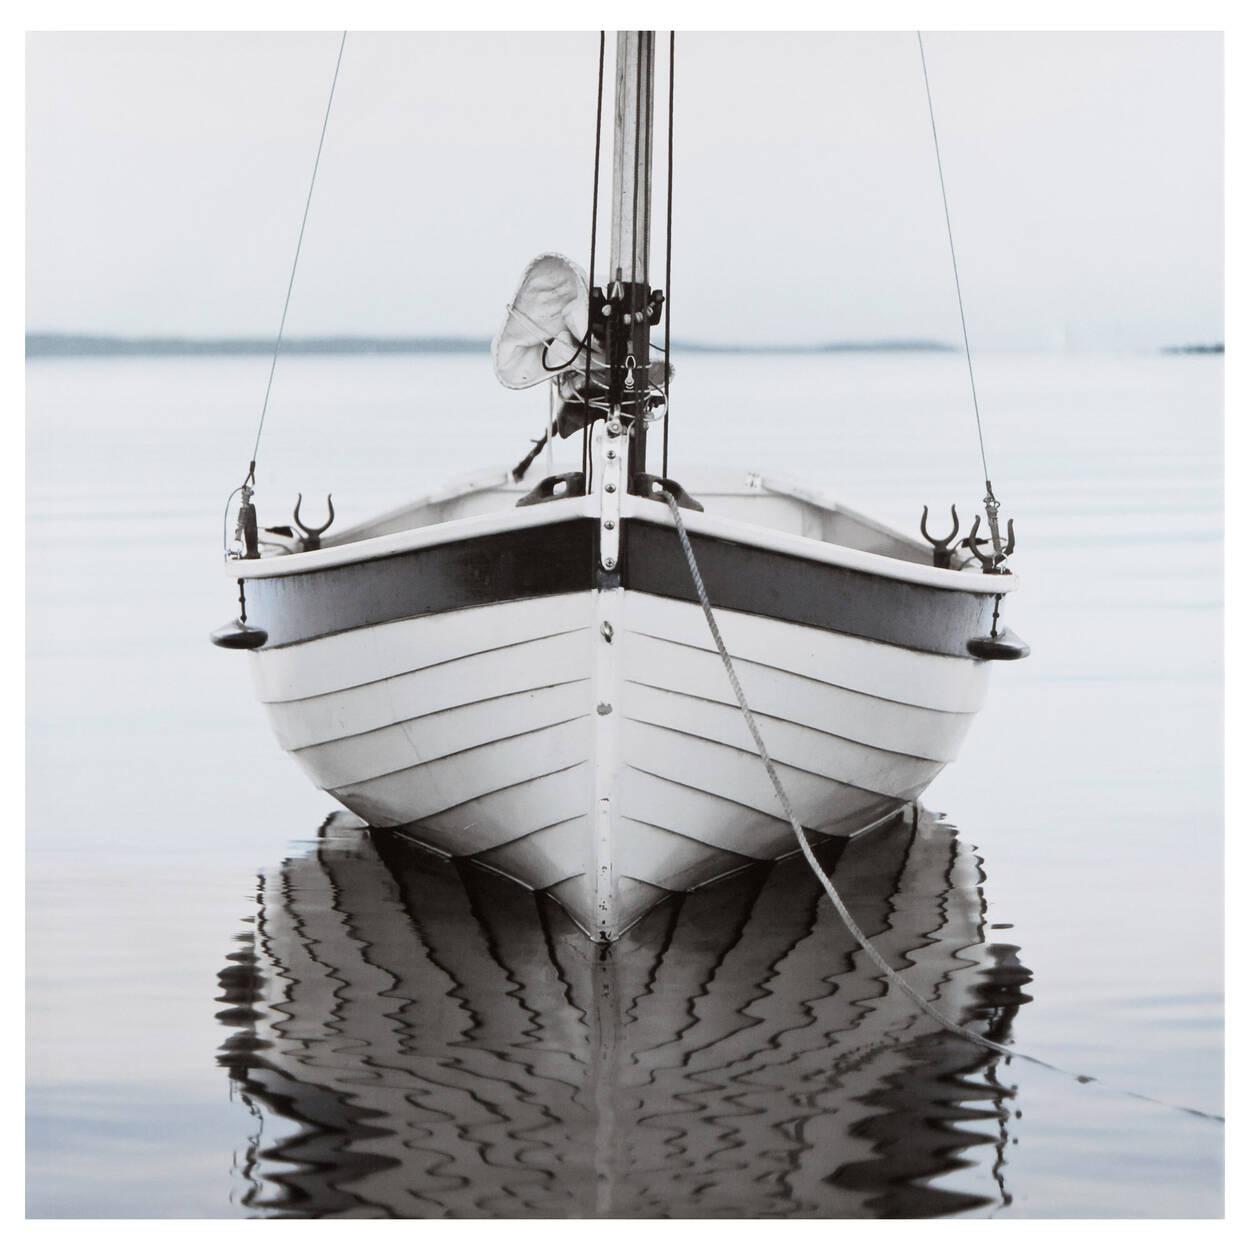 Tableau imprimé d'un bateau en gros plan